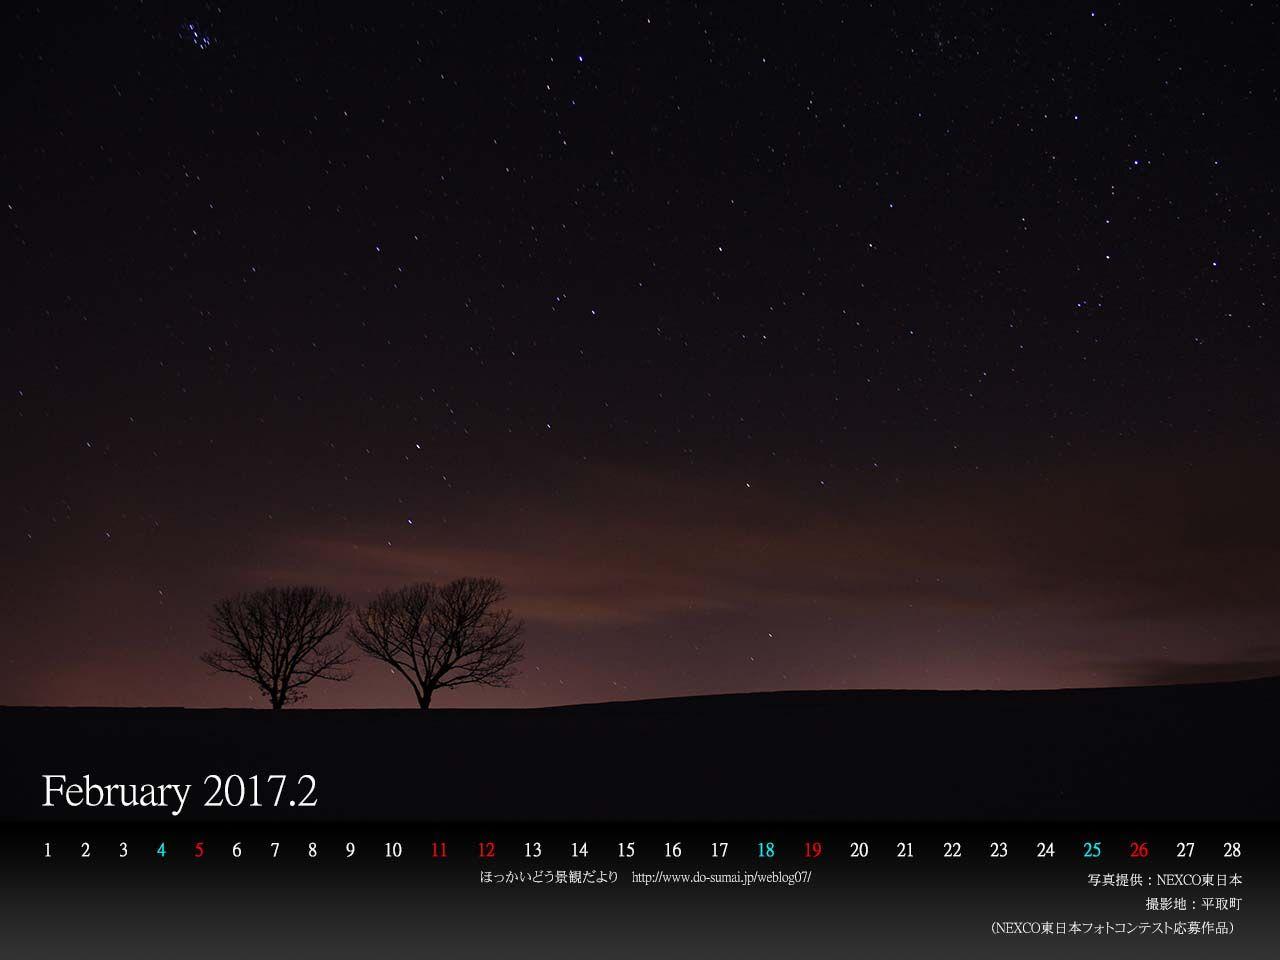 2月は冬の夜空 pc壁紙カレンダーを配布しています 北海道庁の